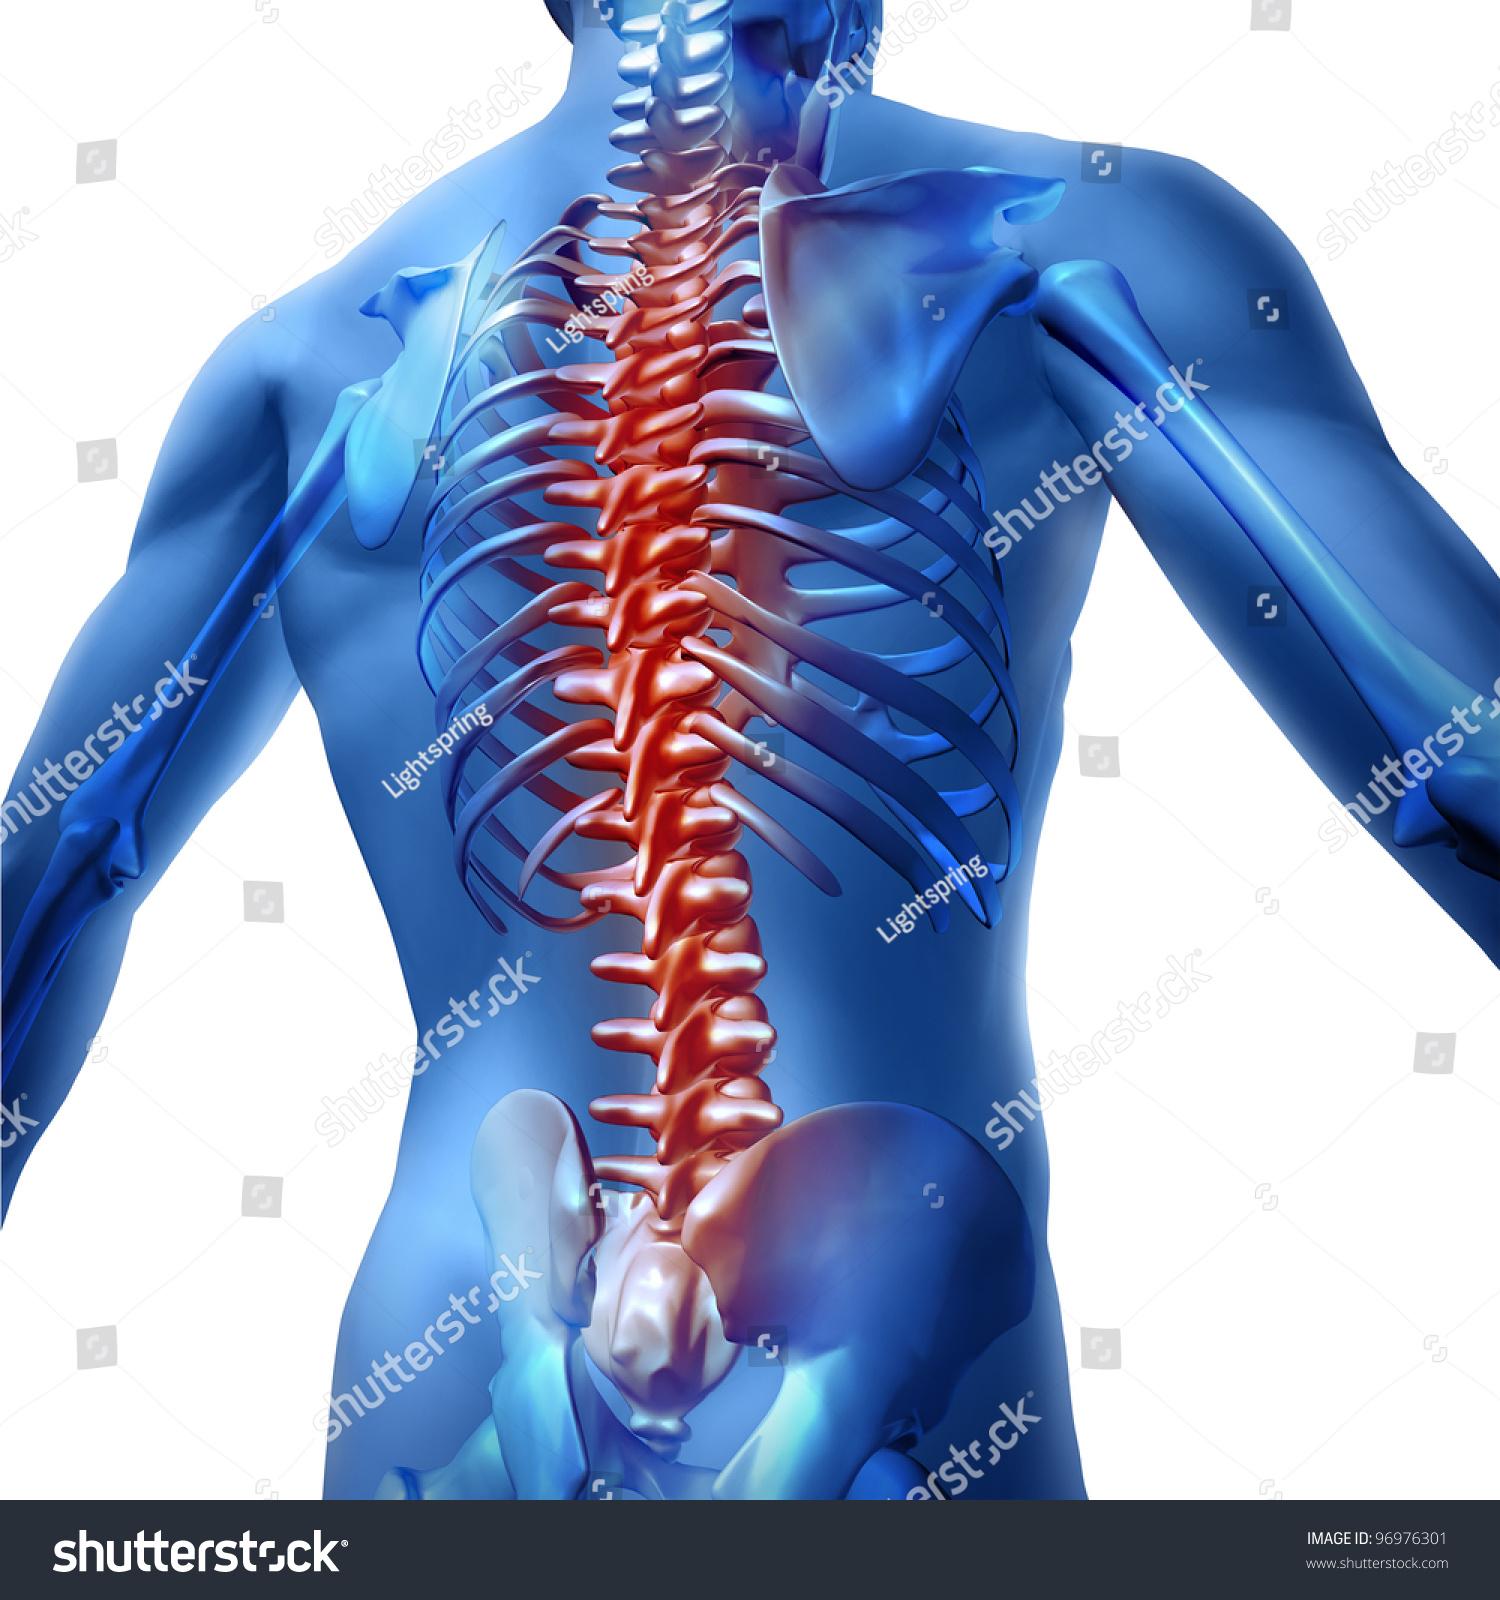 Human skeleton back spine - photo#28